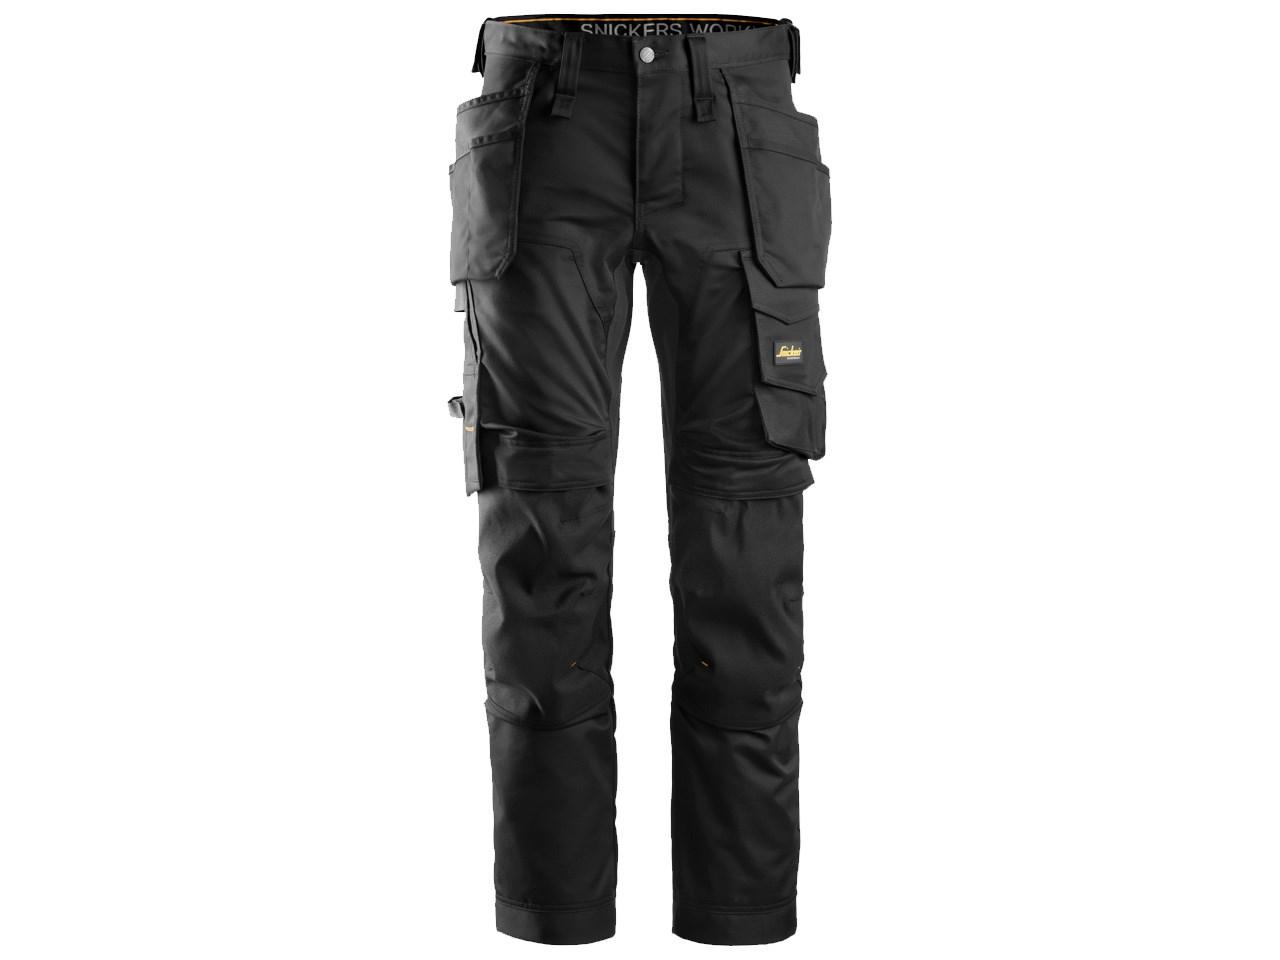 0e66e7129490 Snickers 62410404050 AllroundWork Stretch Trousers Slim Fit Black ...